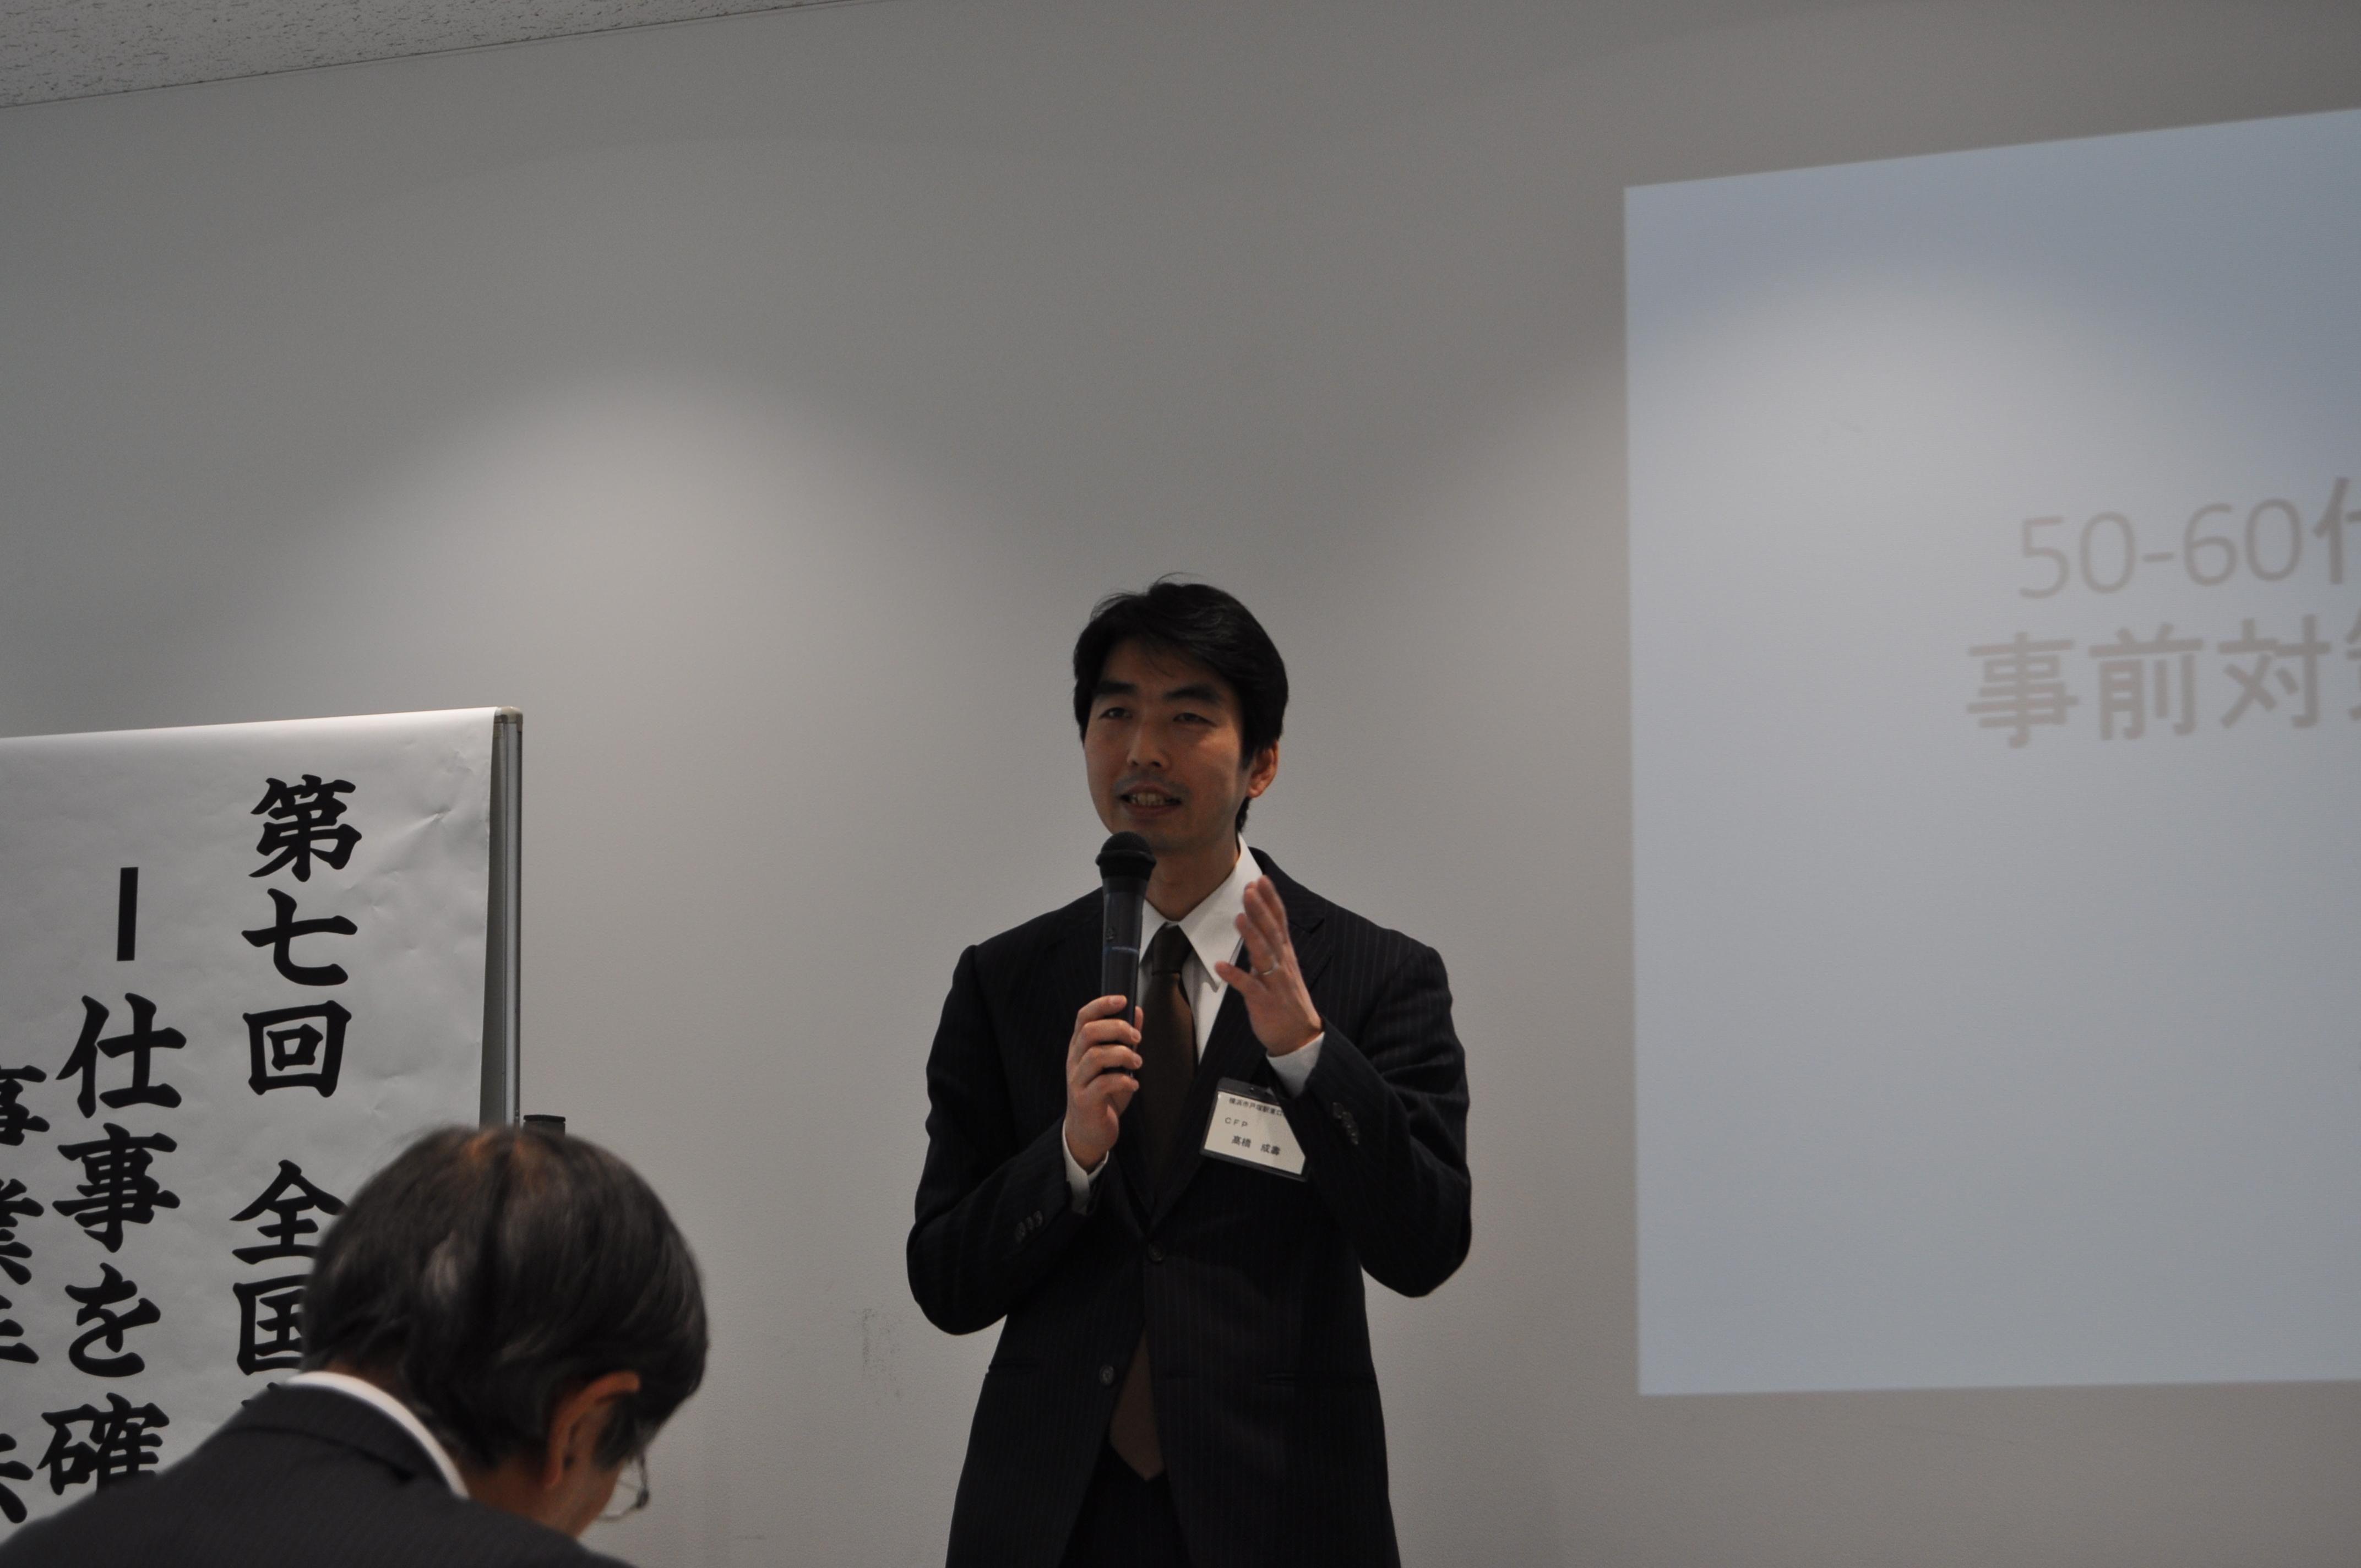 事例発表2 髙橋成壽先生